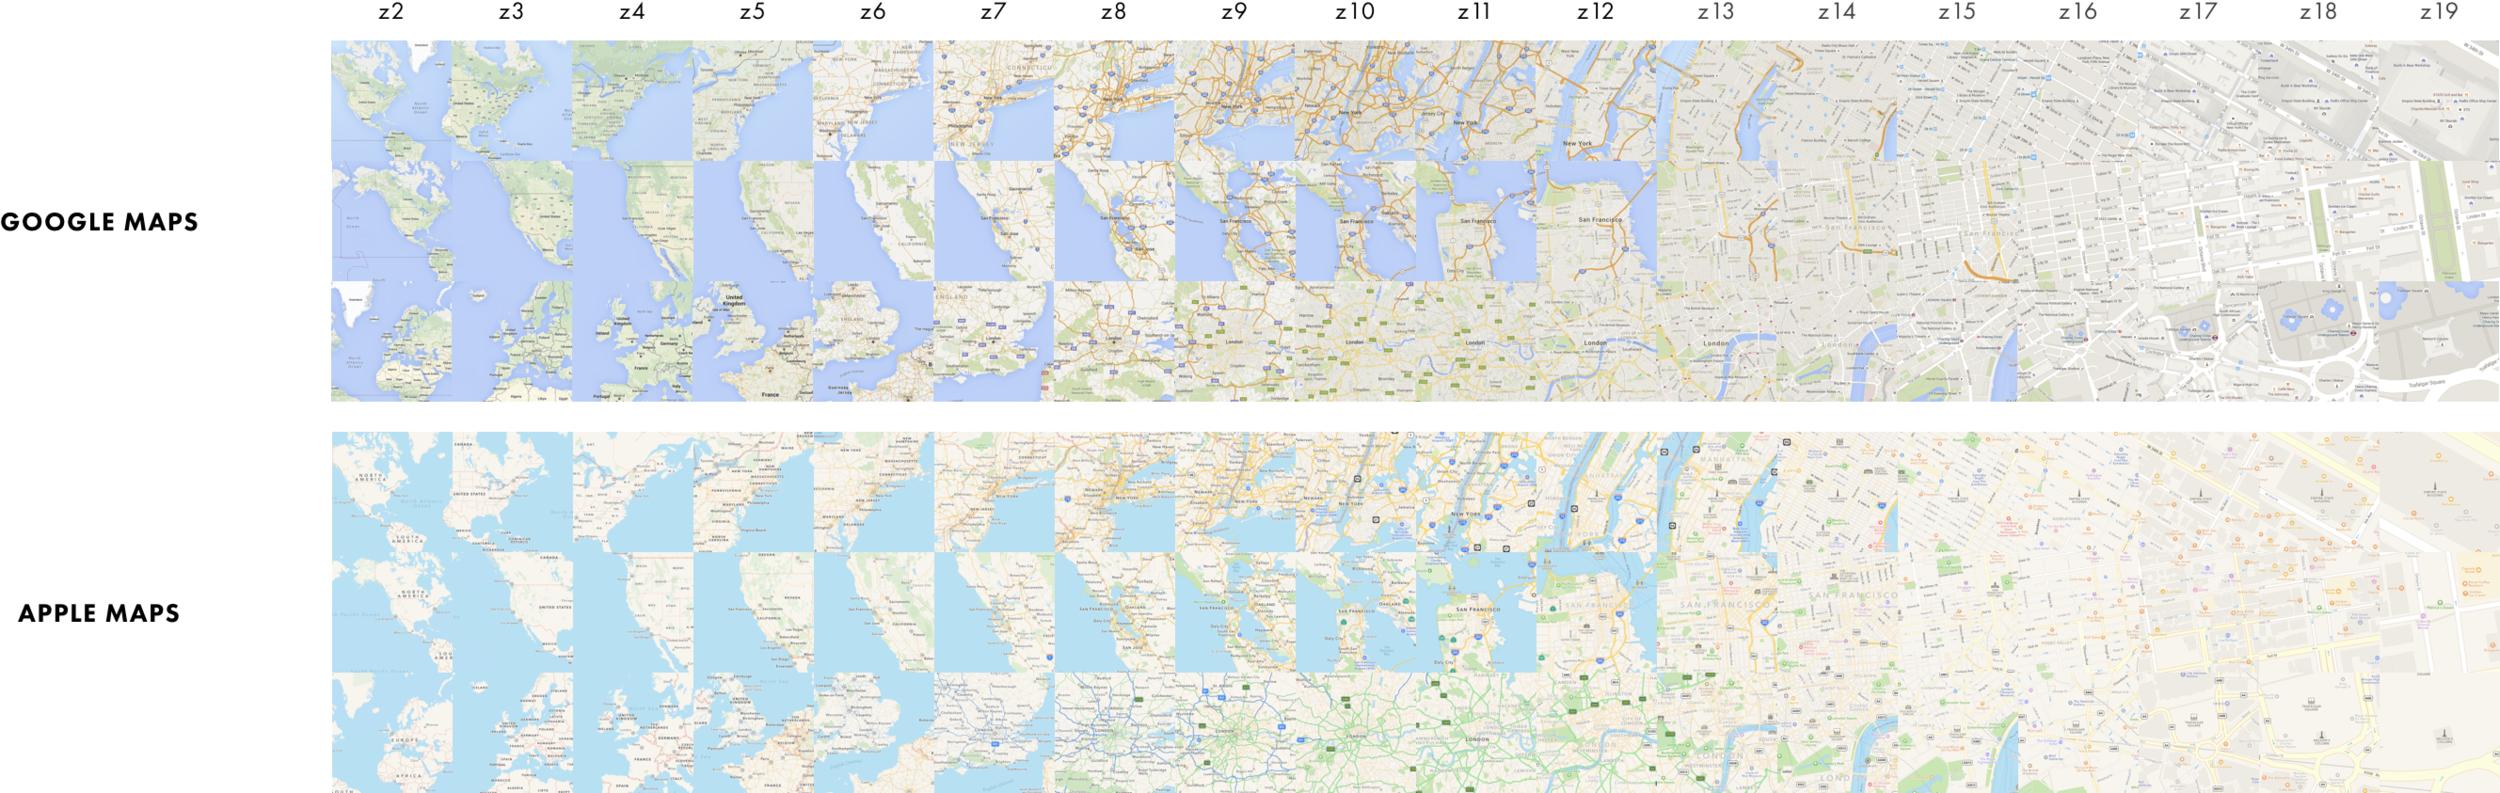 Apple Karten vs. Google Karten